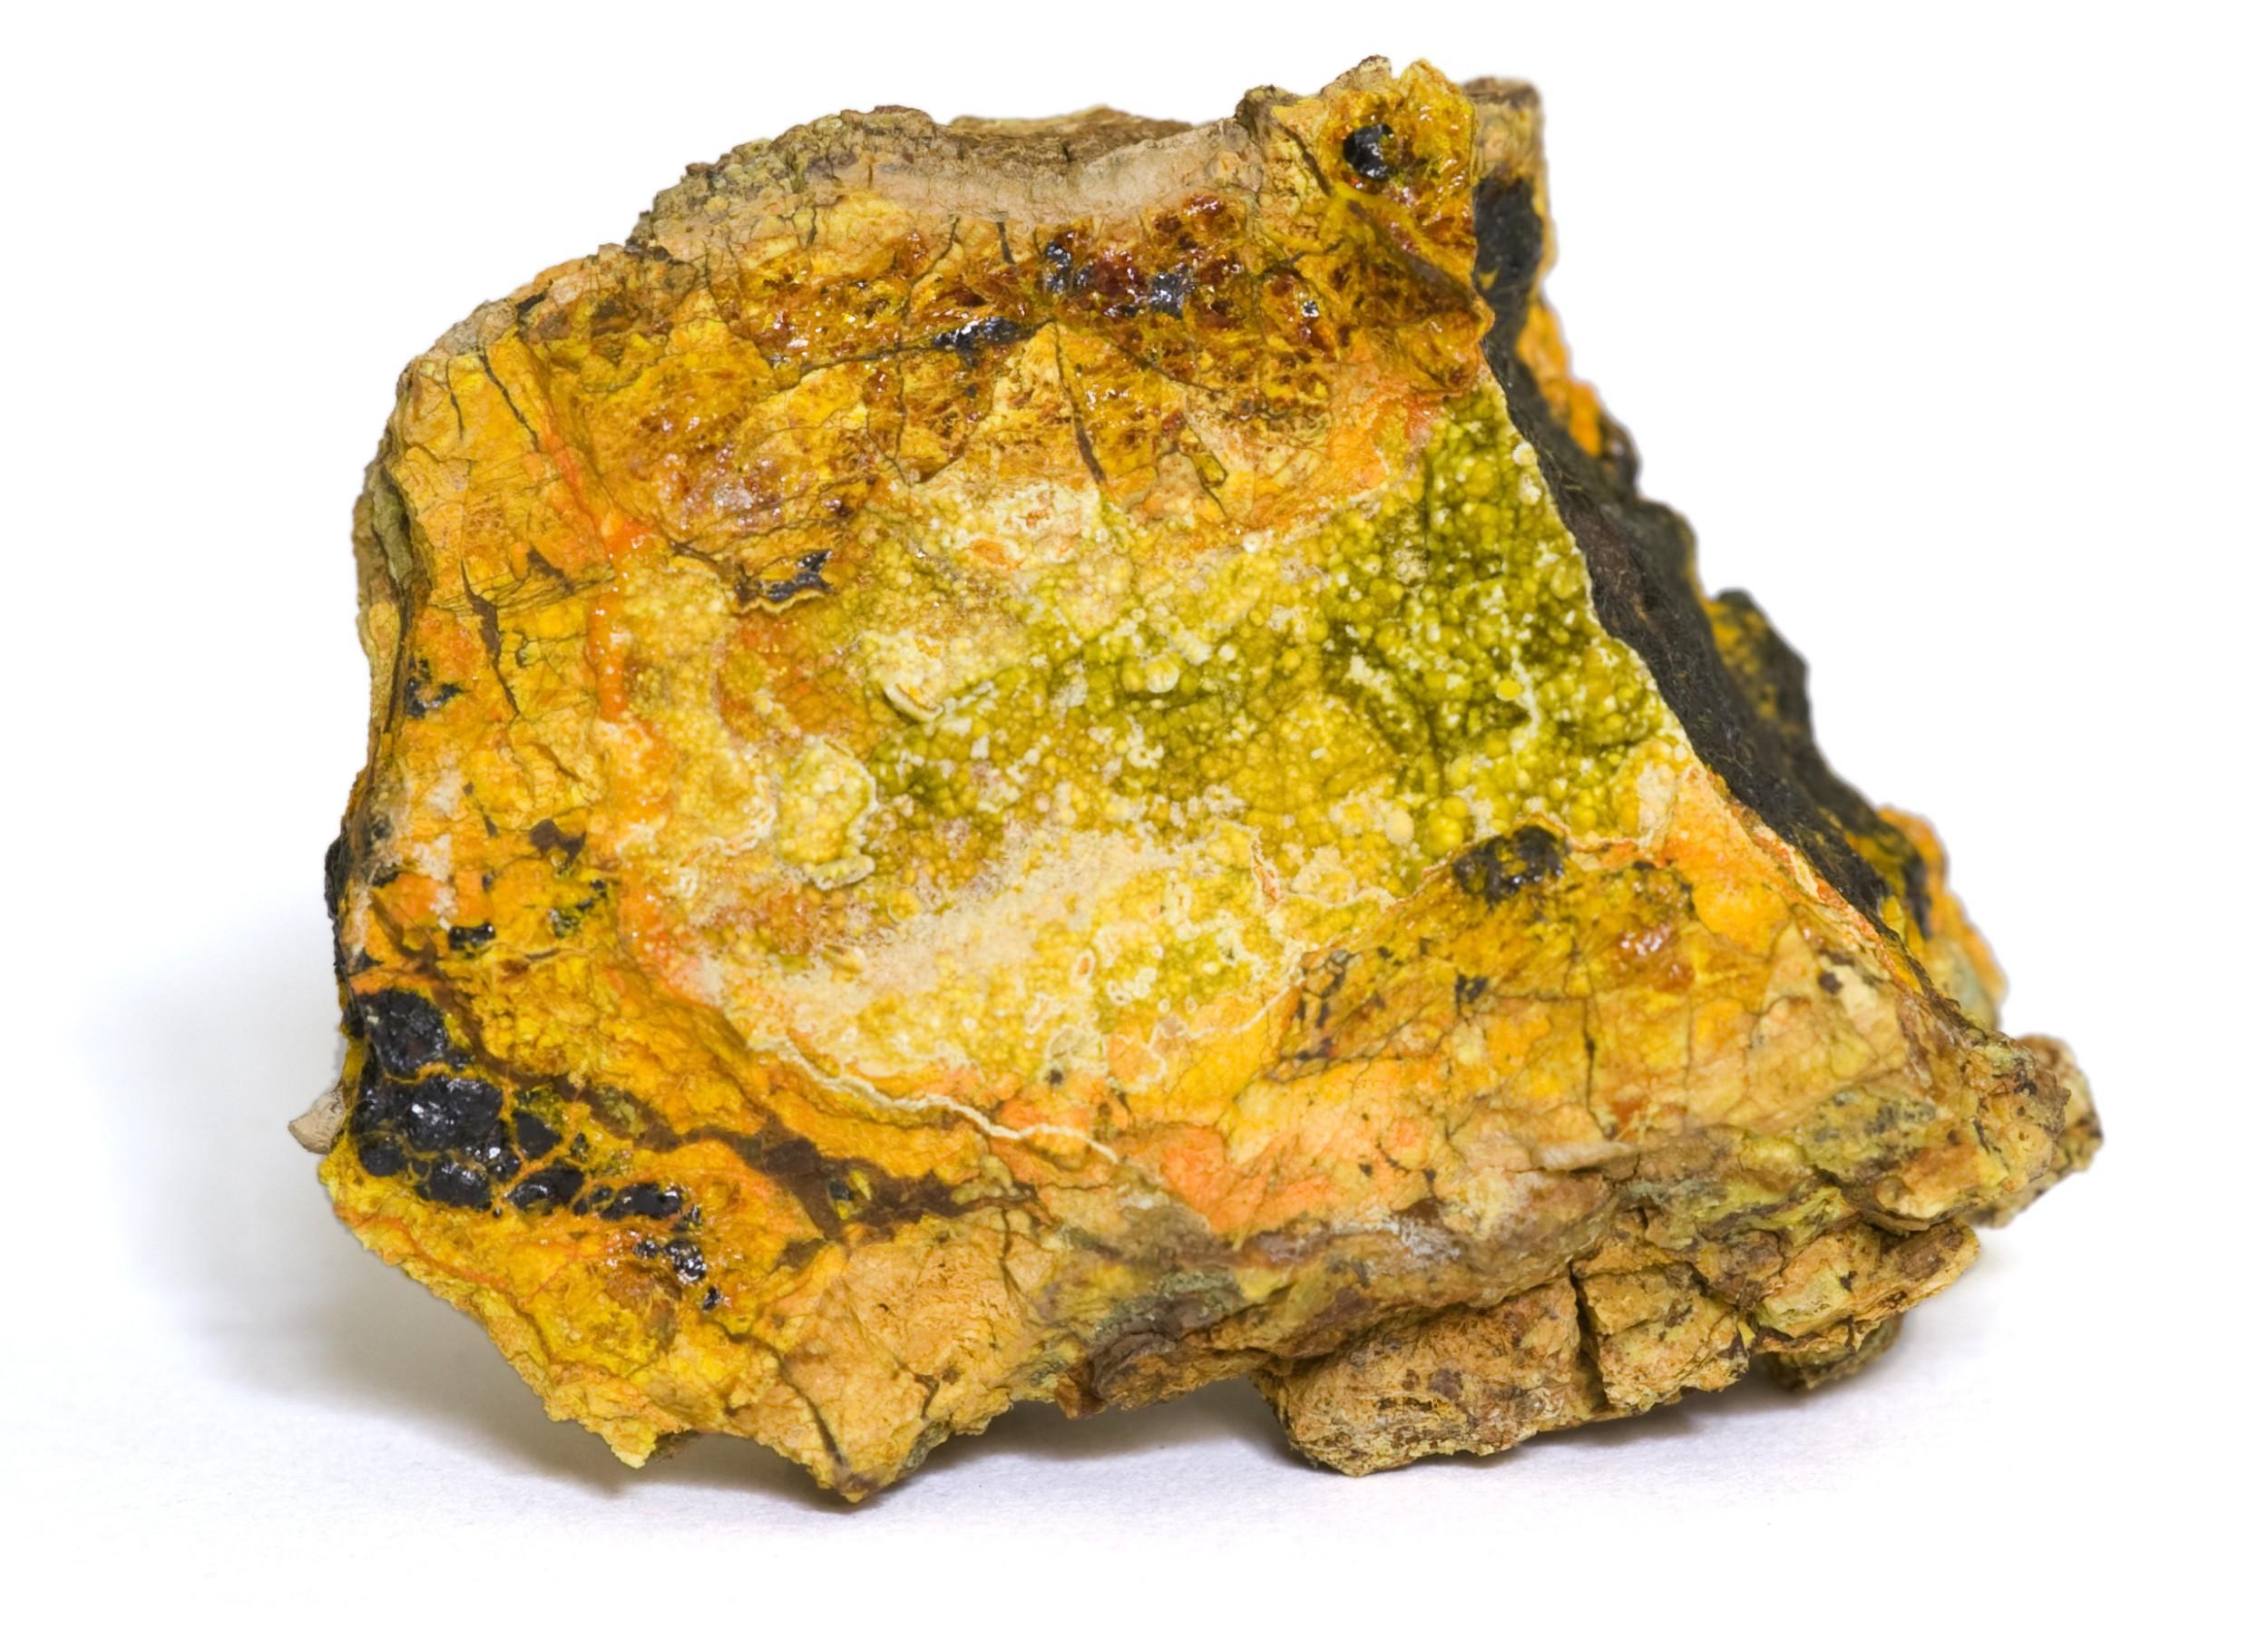 Wölsendorfita, um mineral raro que contém urânio em sua composição. Foto: Marcel Clemens / Shutterstock.com